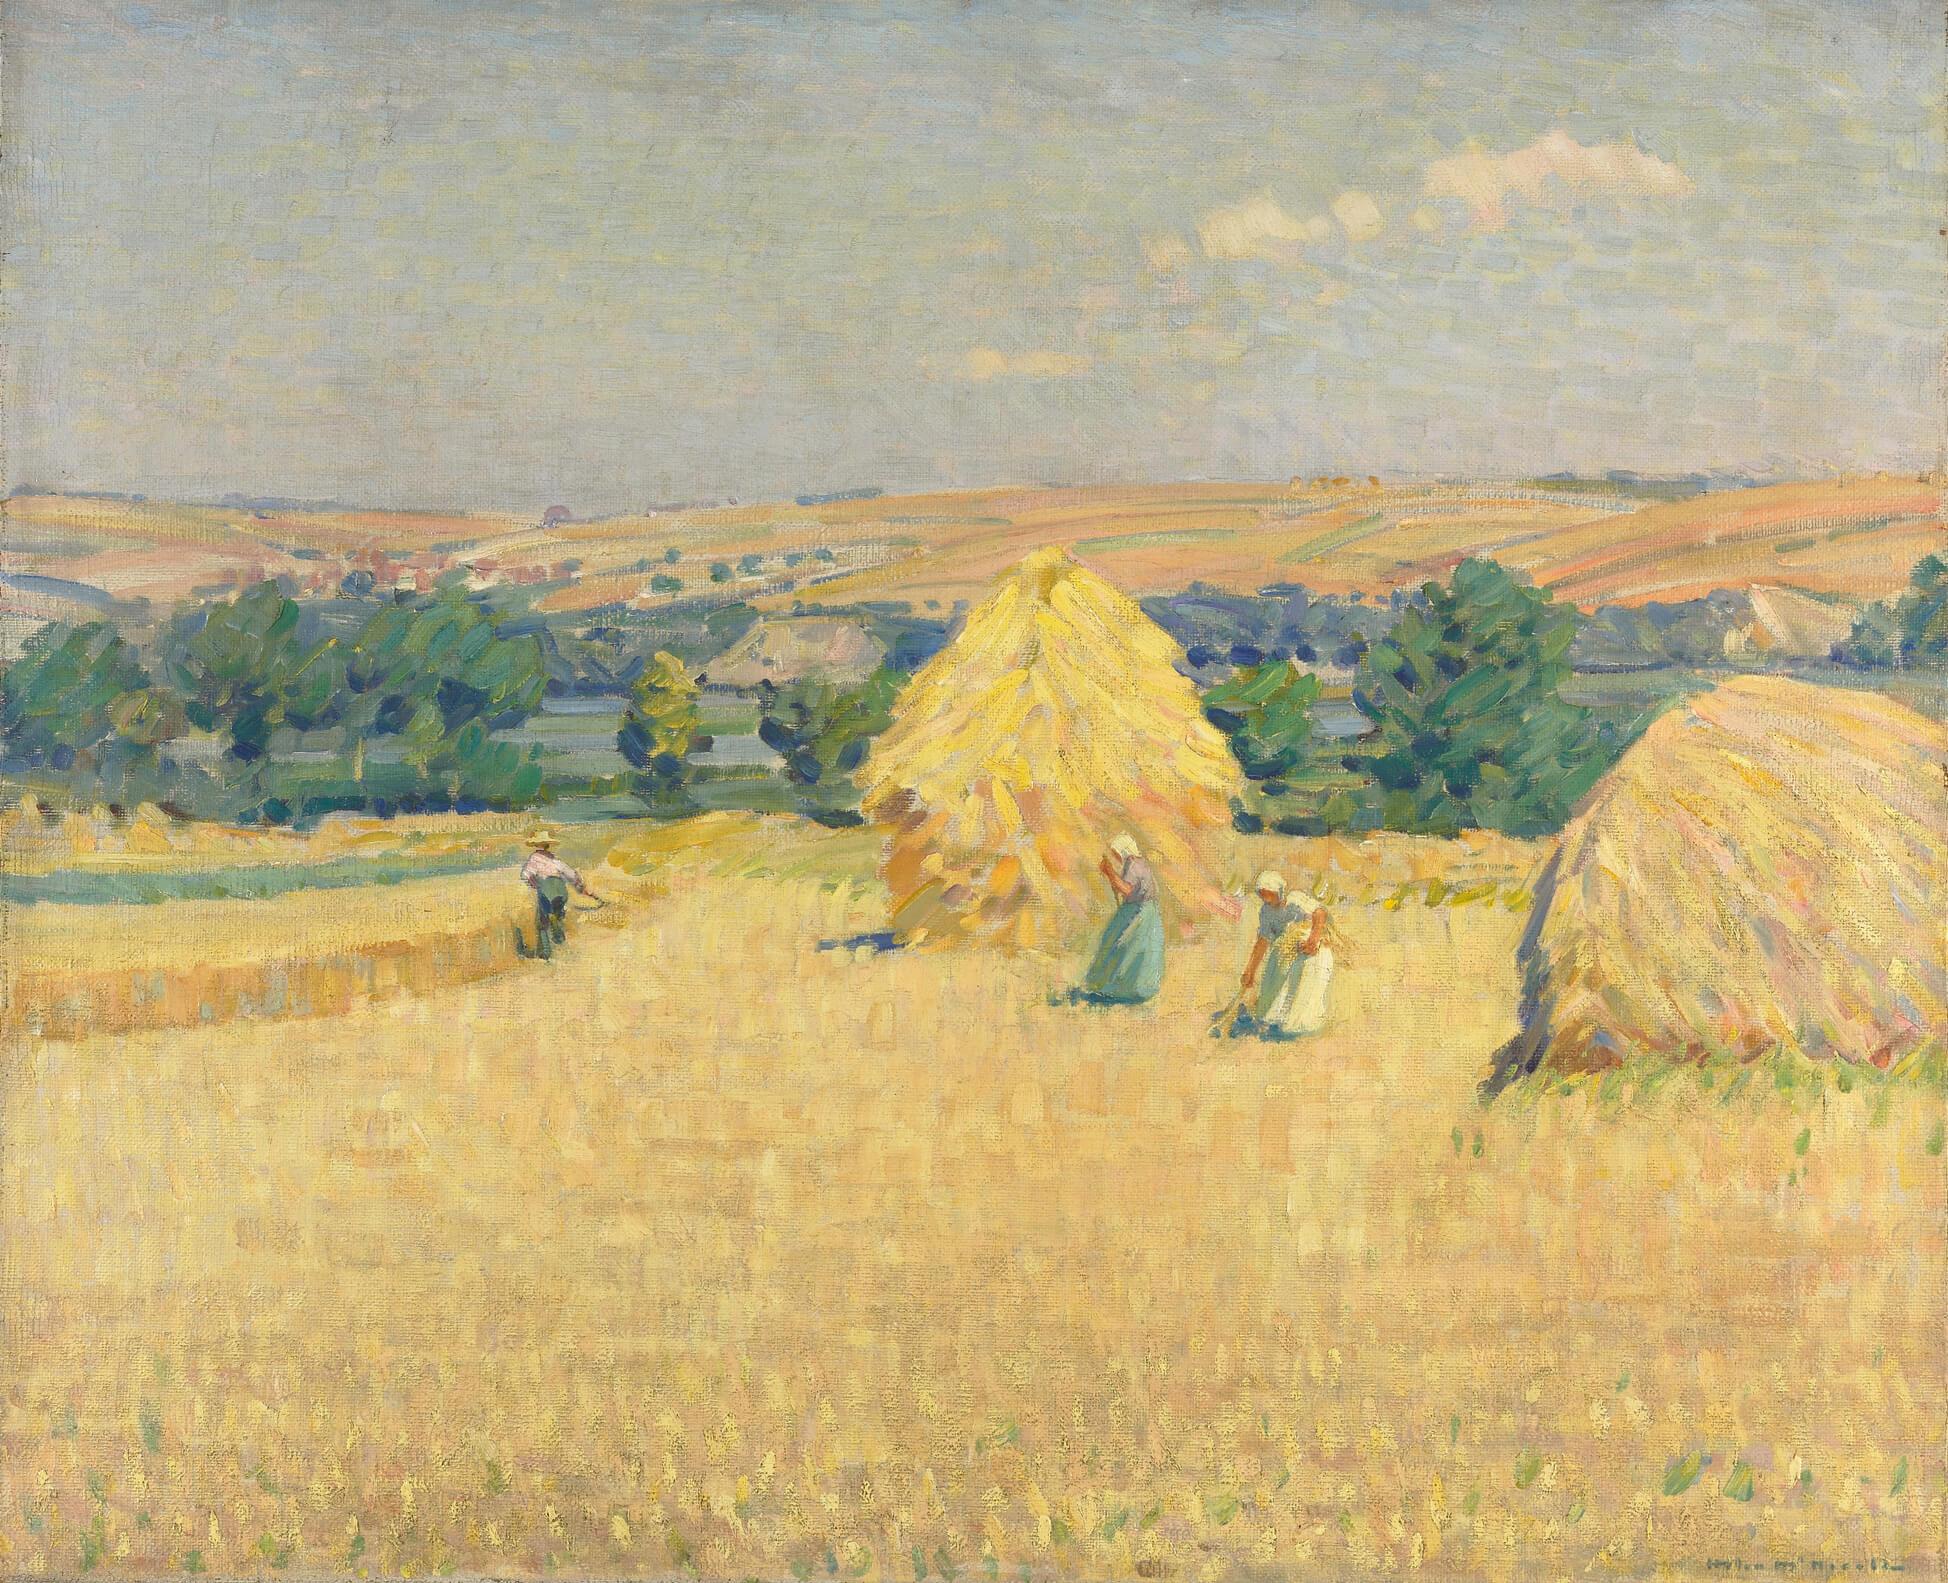 Helen McNicoll, Stubble Fields, c.1912